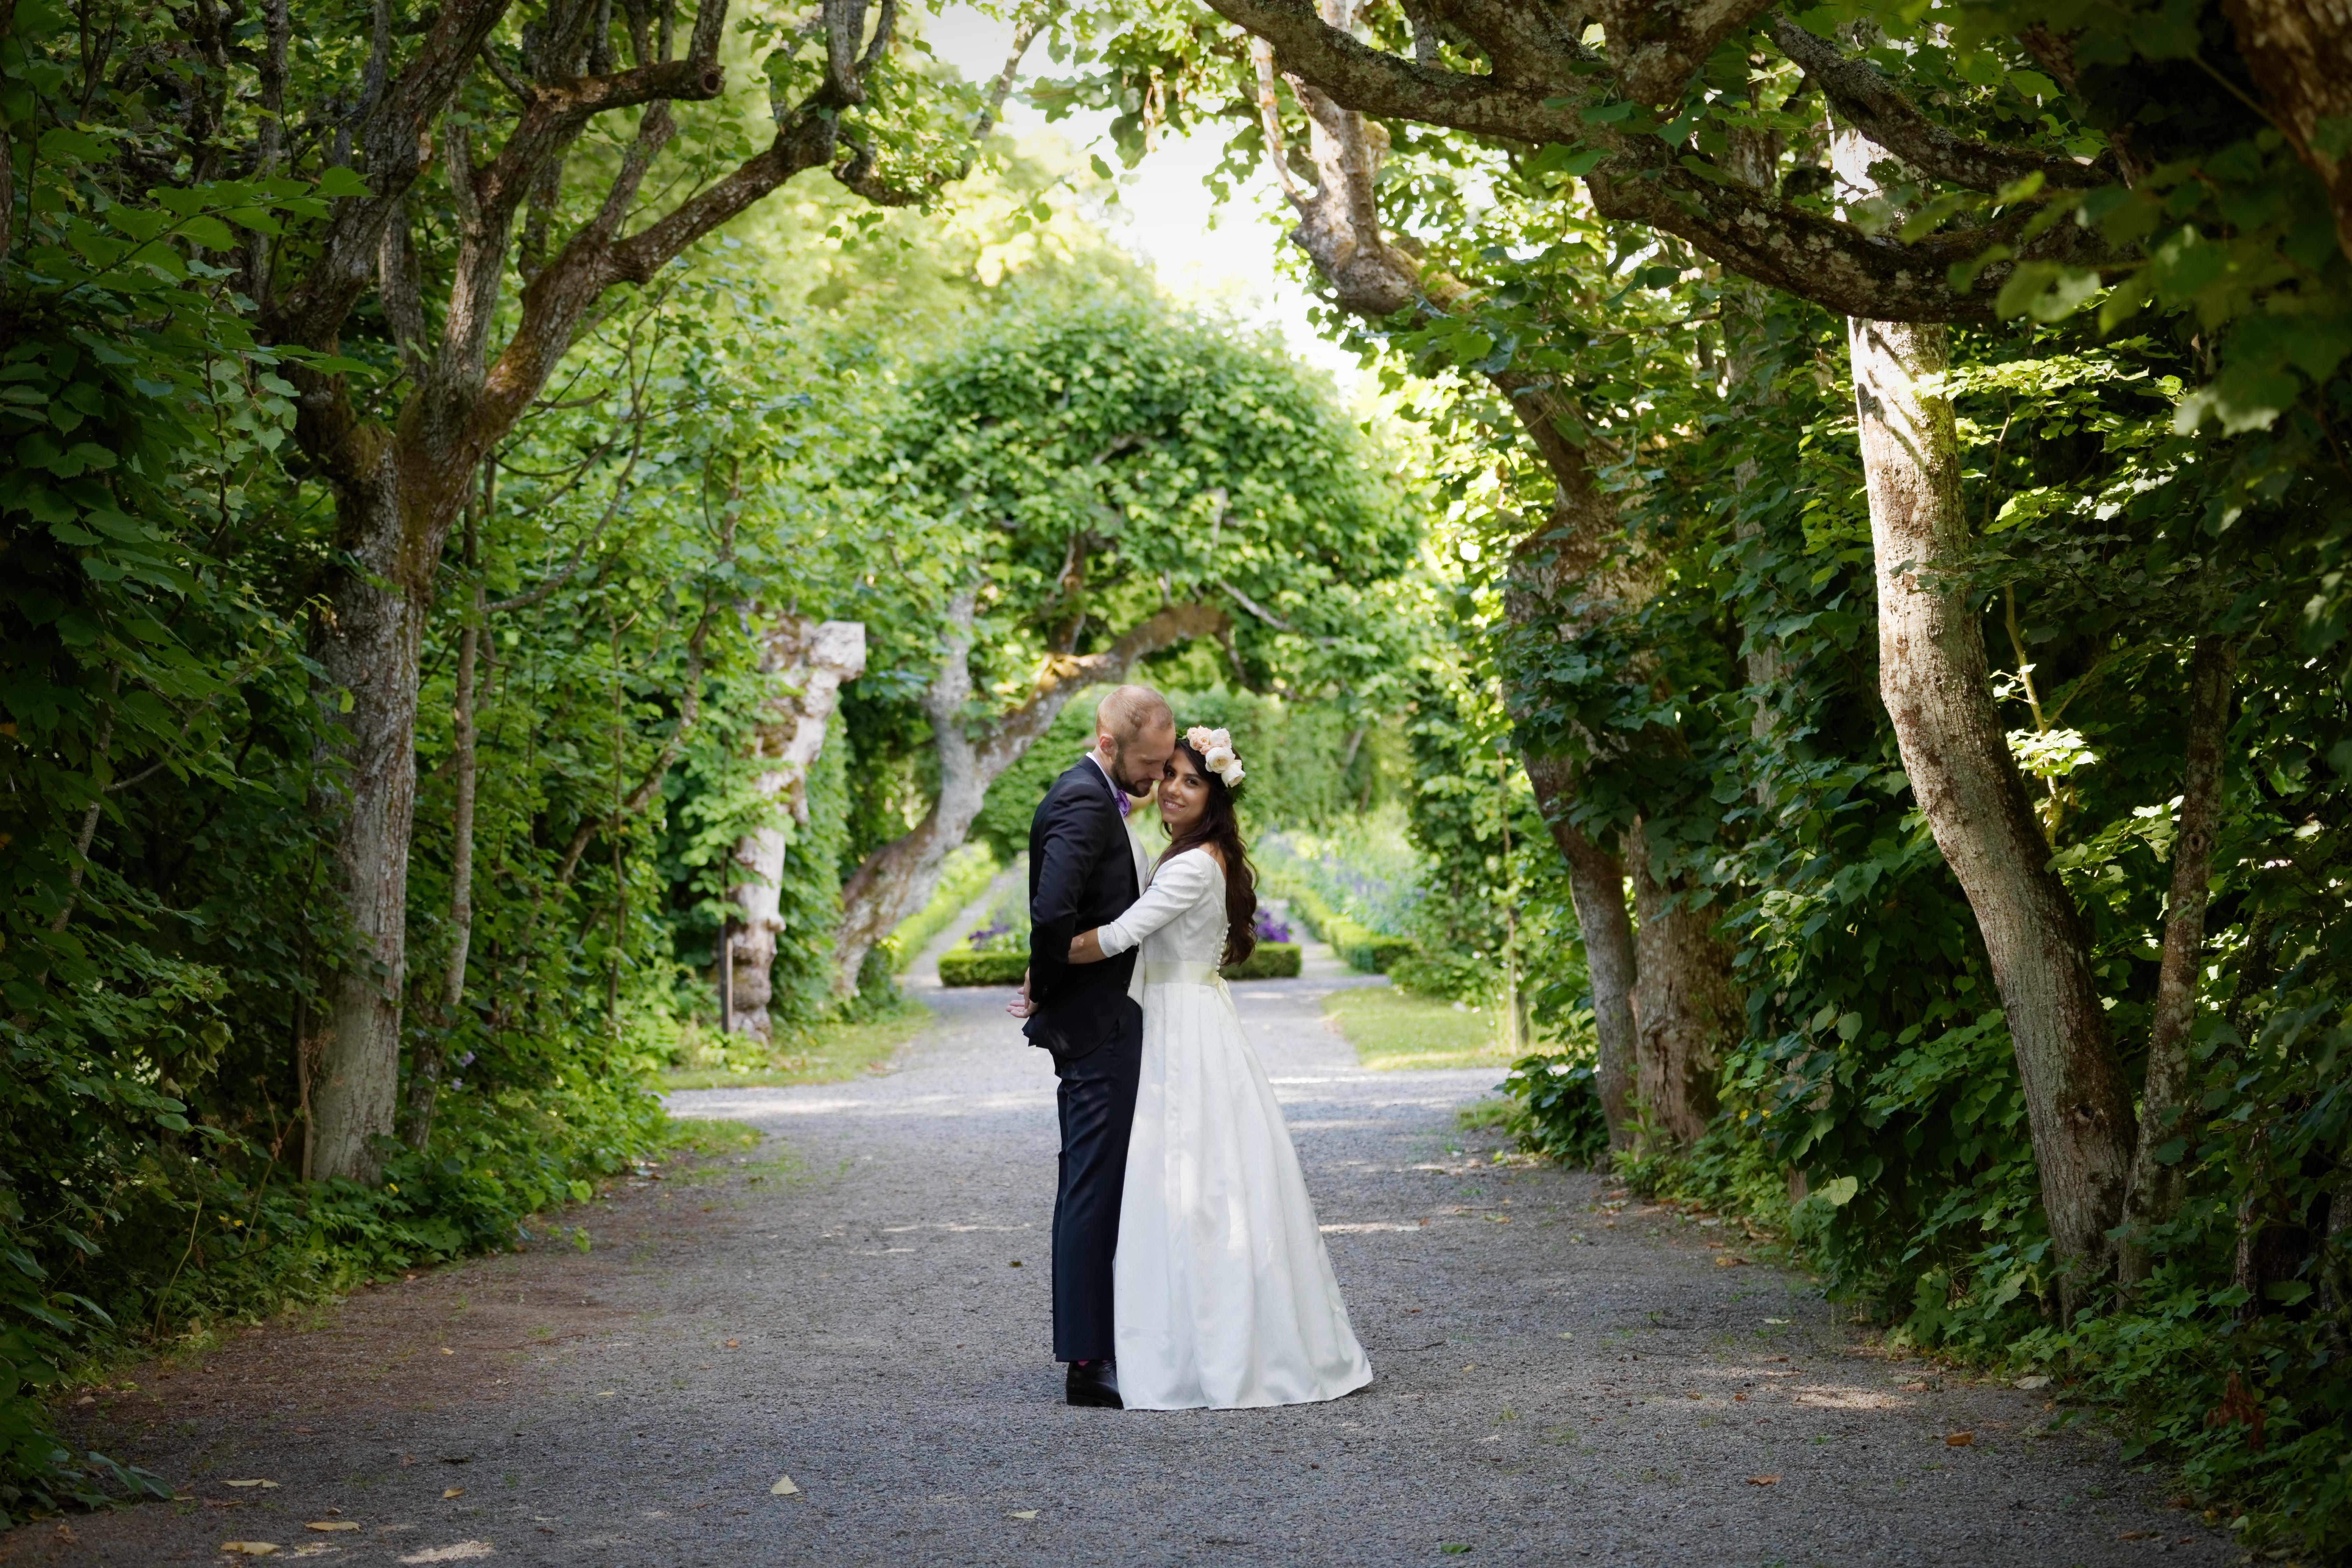 Bröllopsporträtt 5 - Mahdis & Tommy